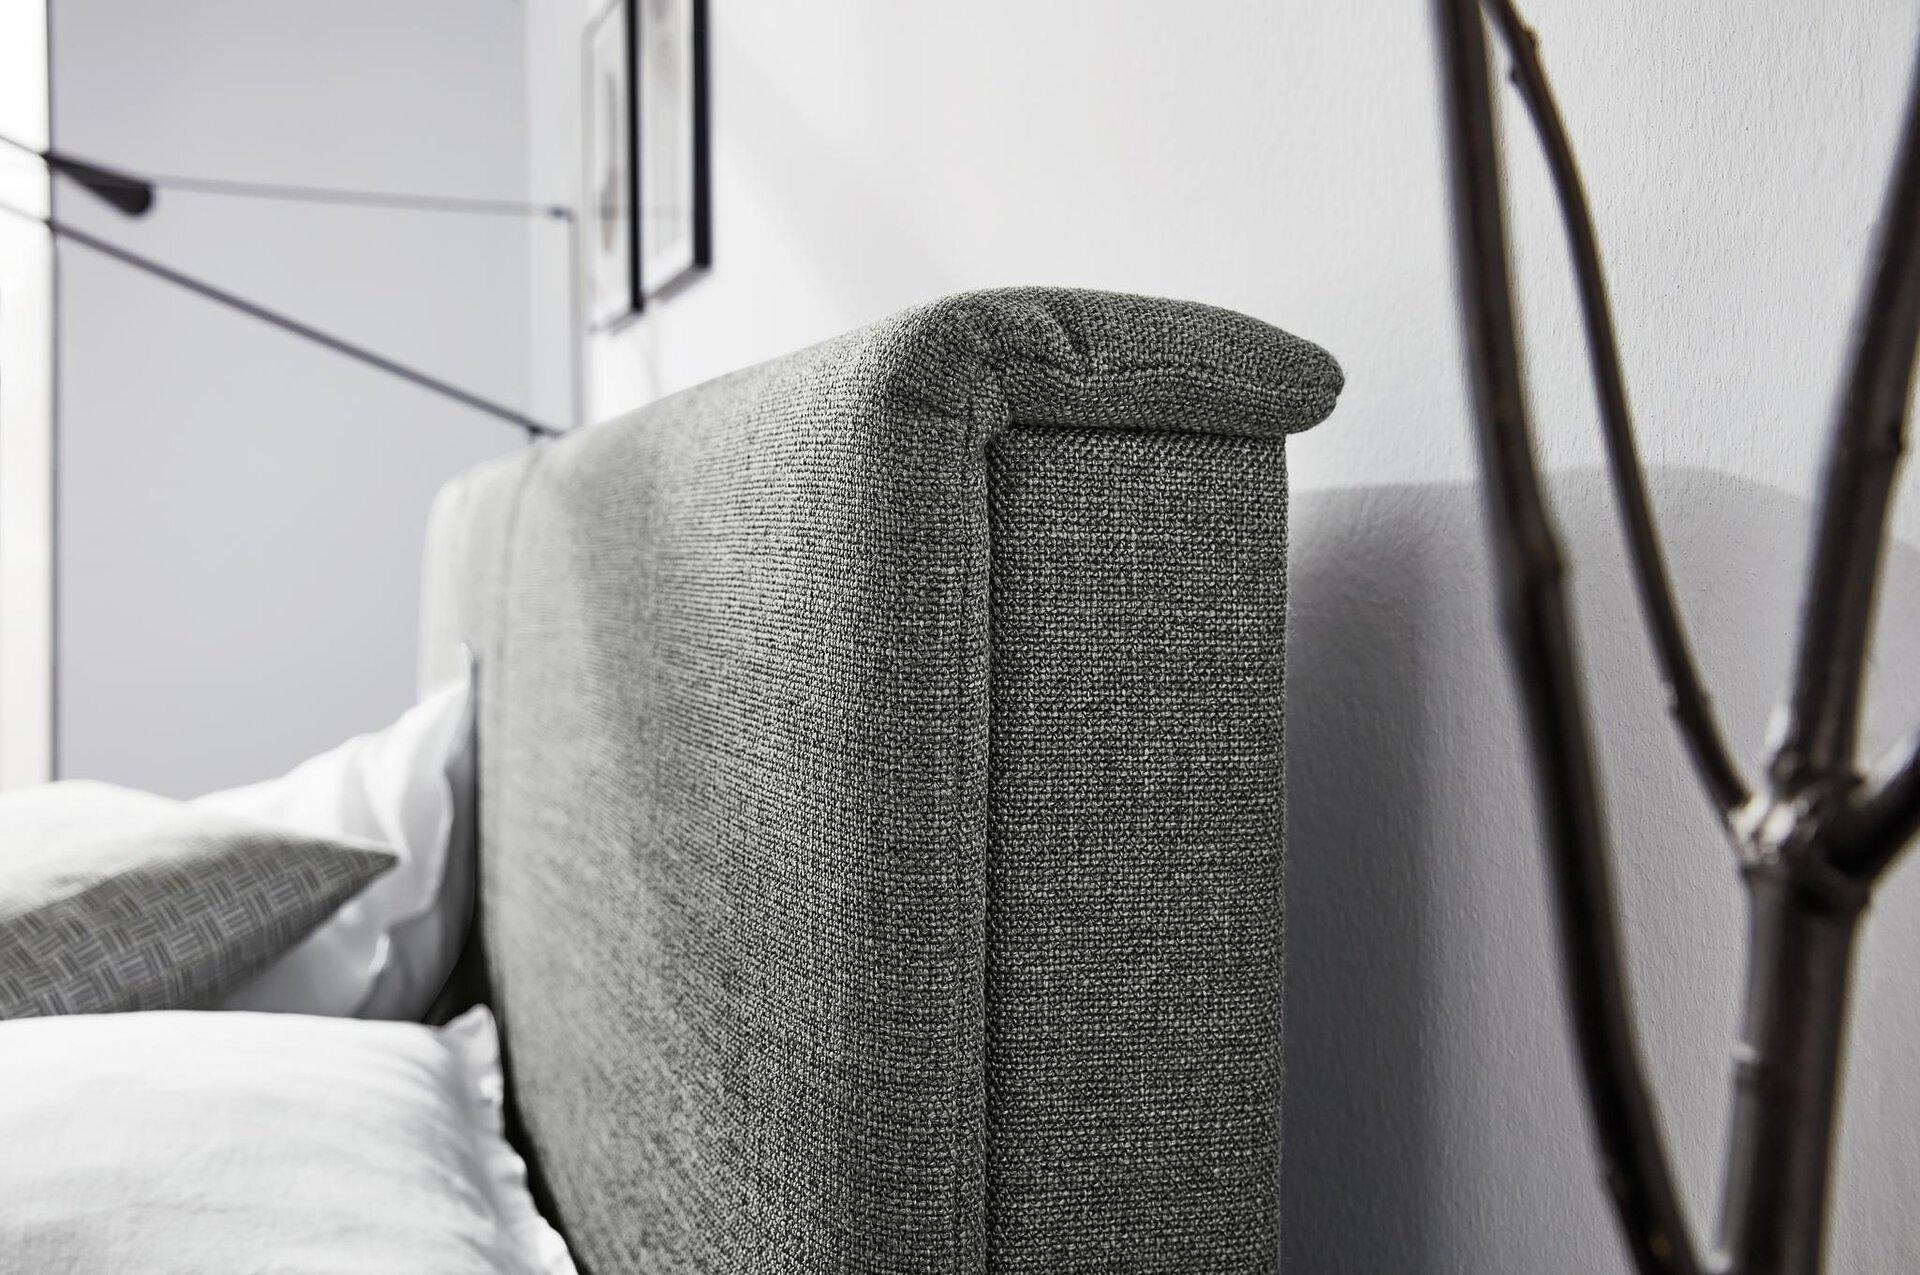 Boxspringbett ARRAN Birkenstock Textil grau 180 x 124 x 200 cm